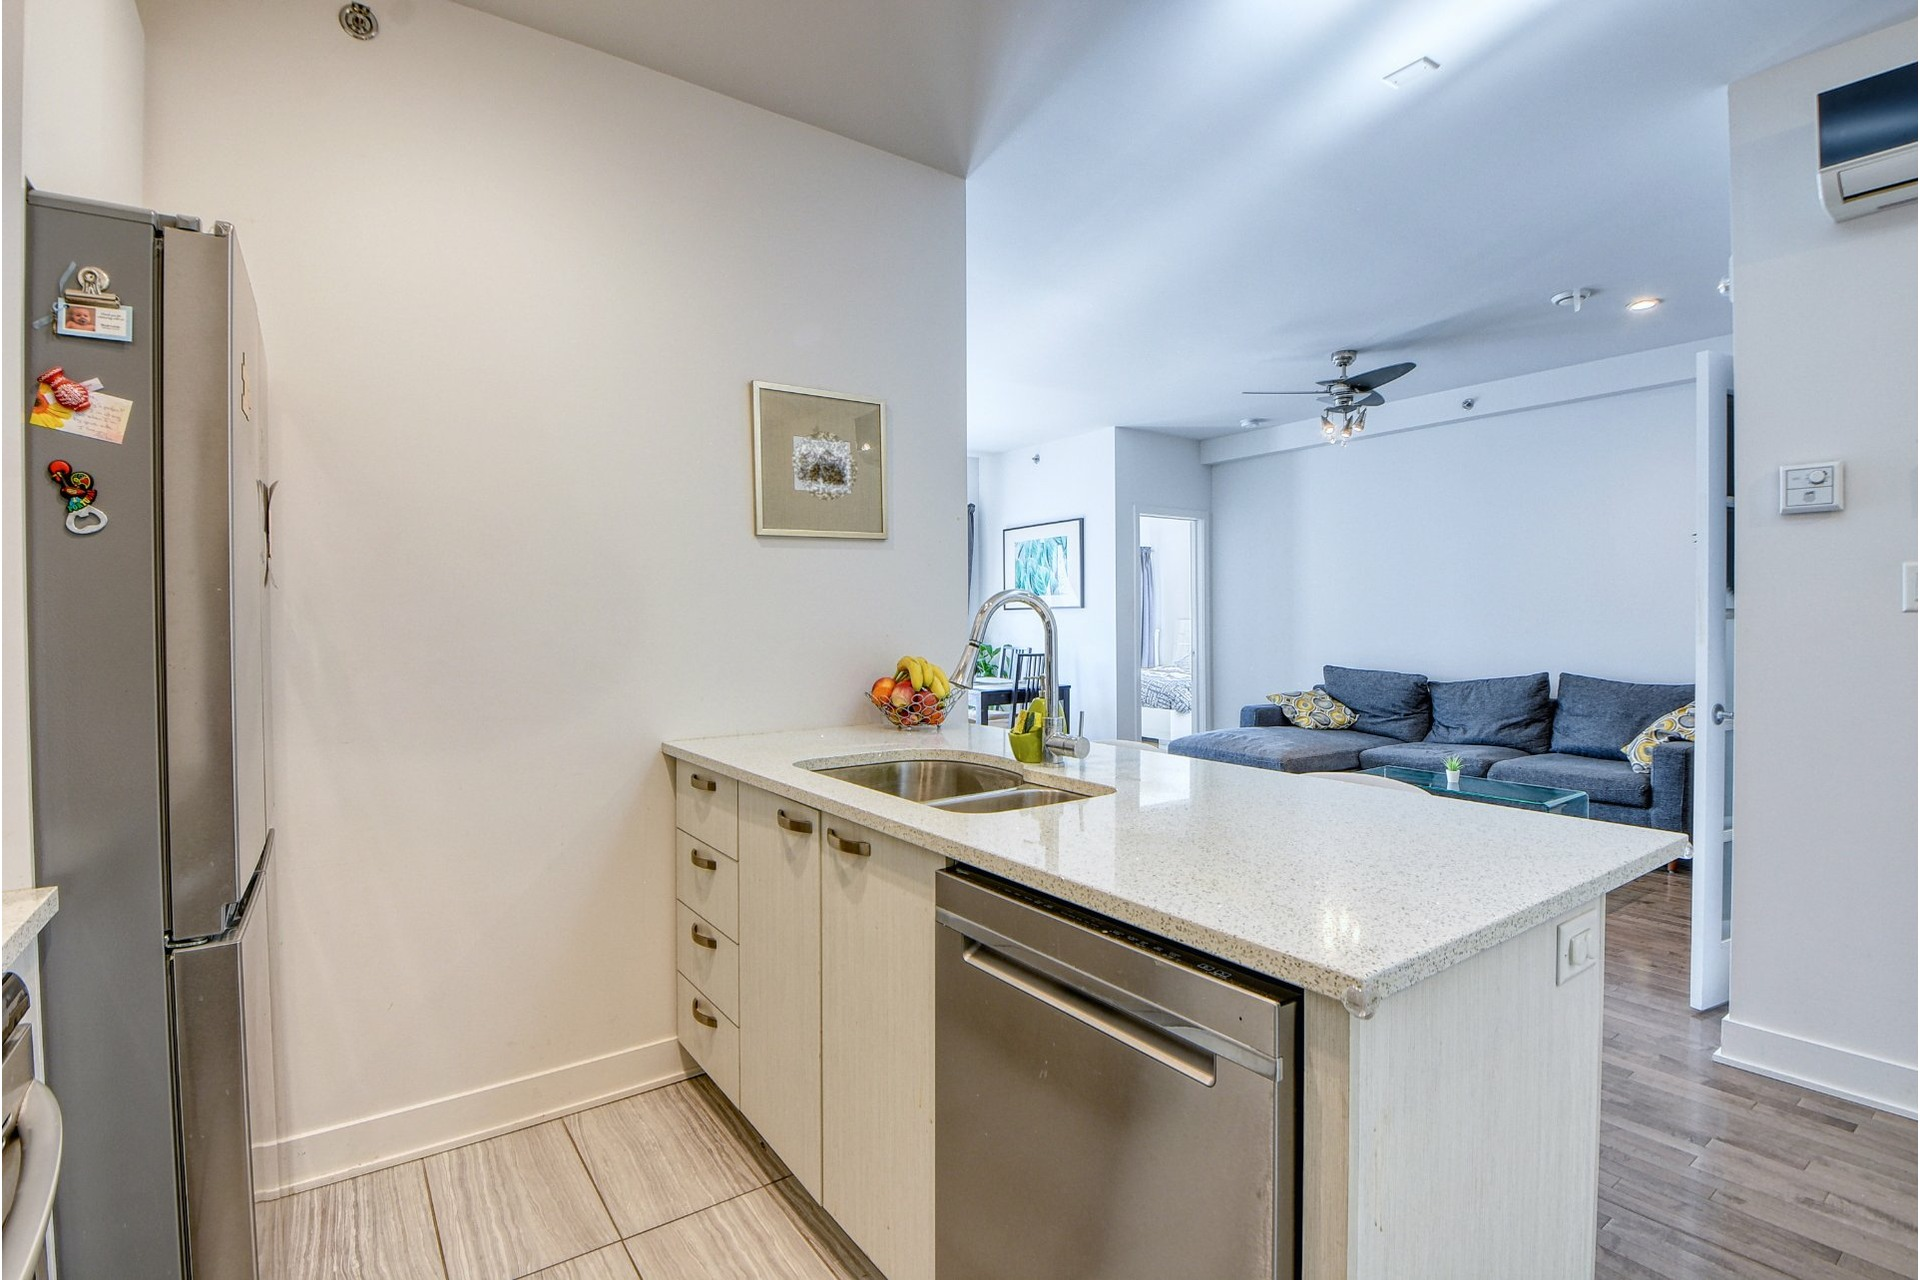 image 6 - Appartement À vendre Le Sud-Ouest Montréal  - 8 pièces